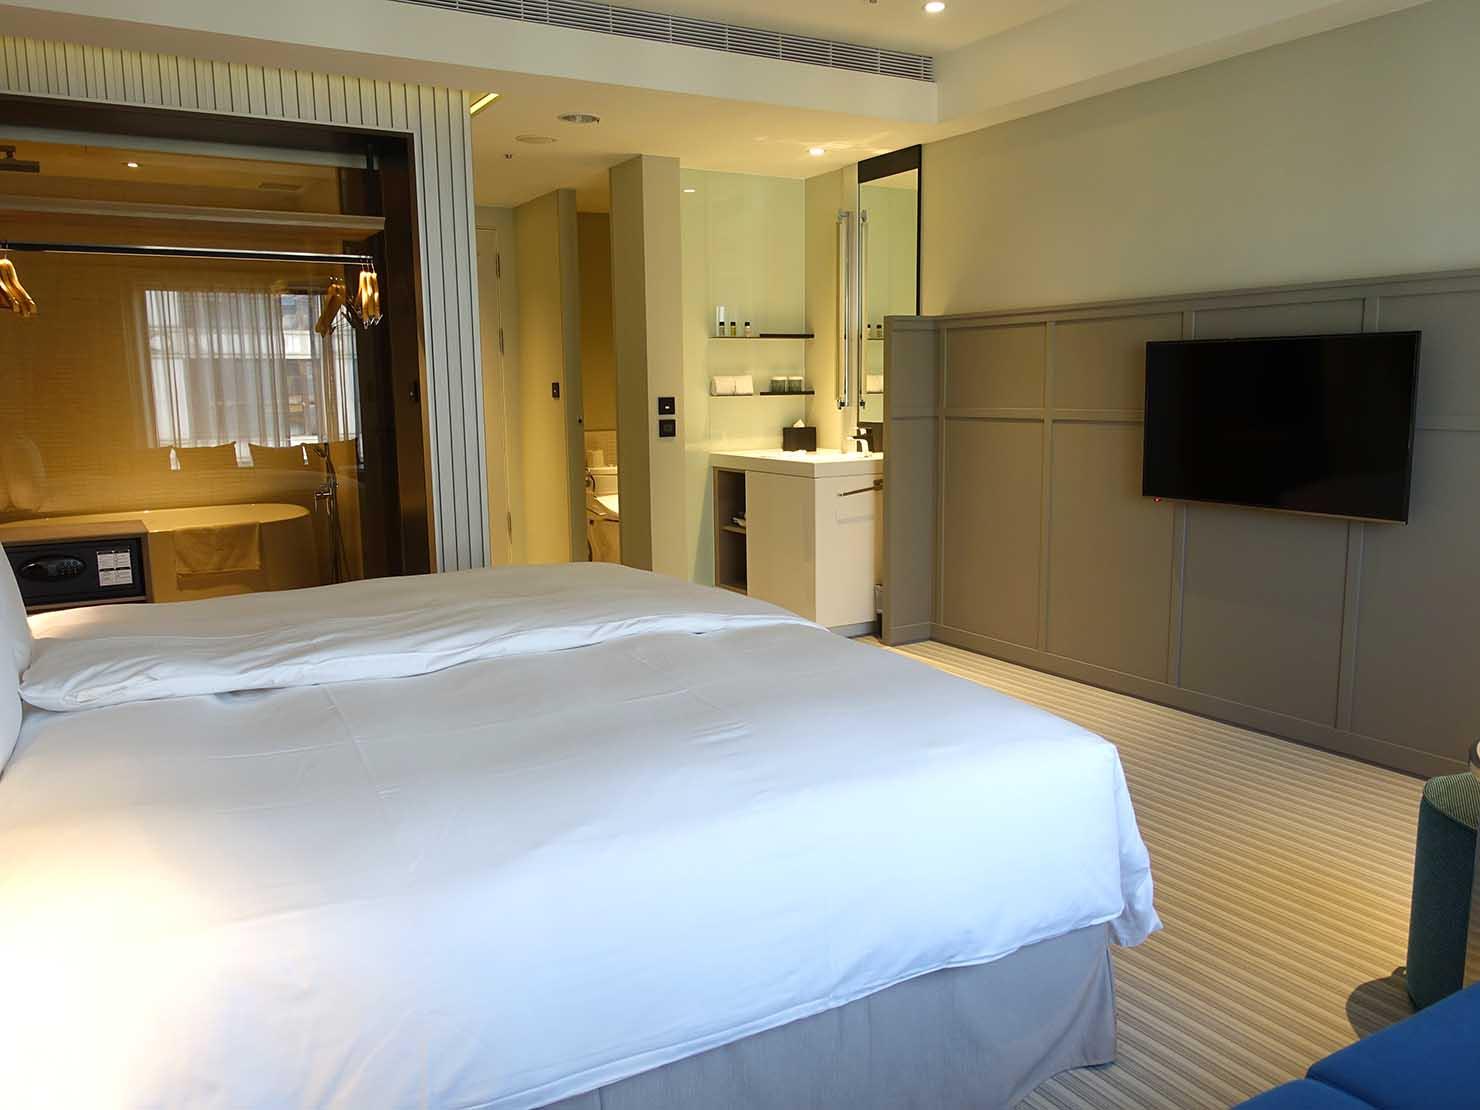 高雄市内観光におすすめのホテル「GREET INN 喜迎旅店」の豪華雙人房(デラックスダブル)の窓側から見るベッドルーム